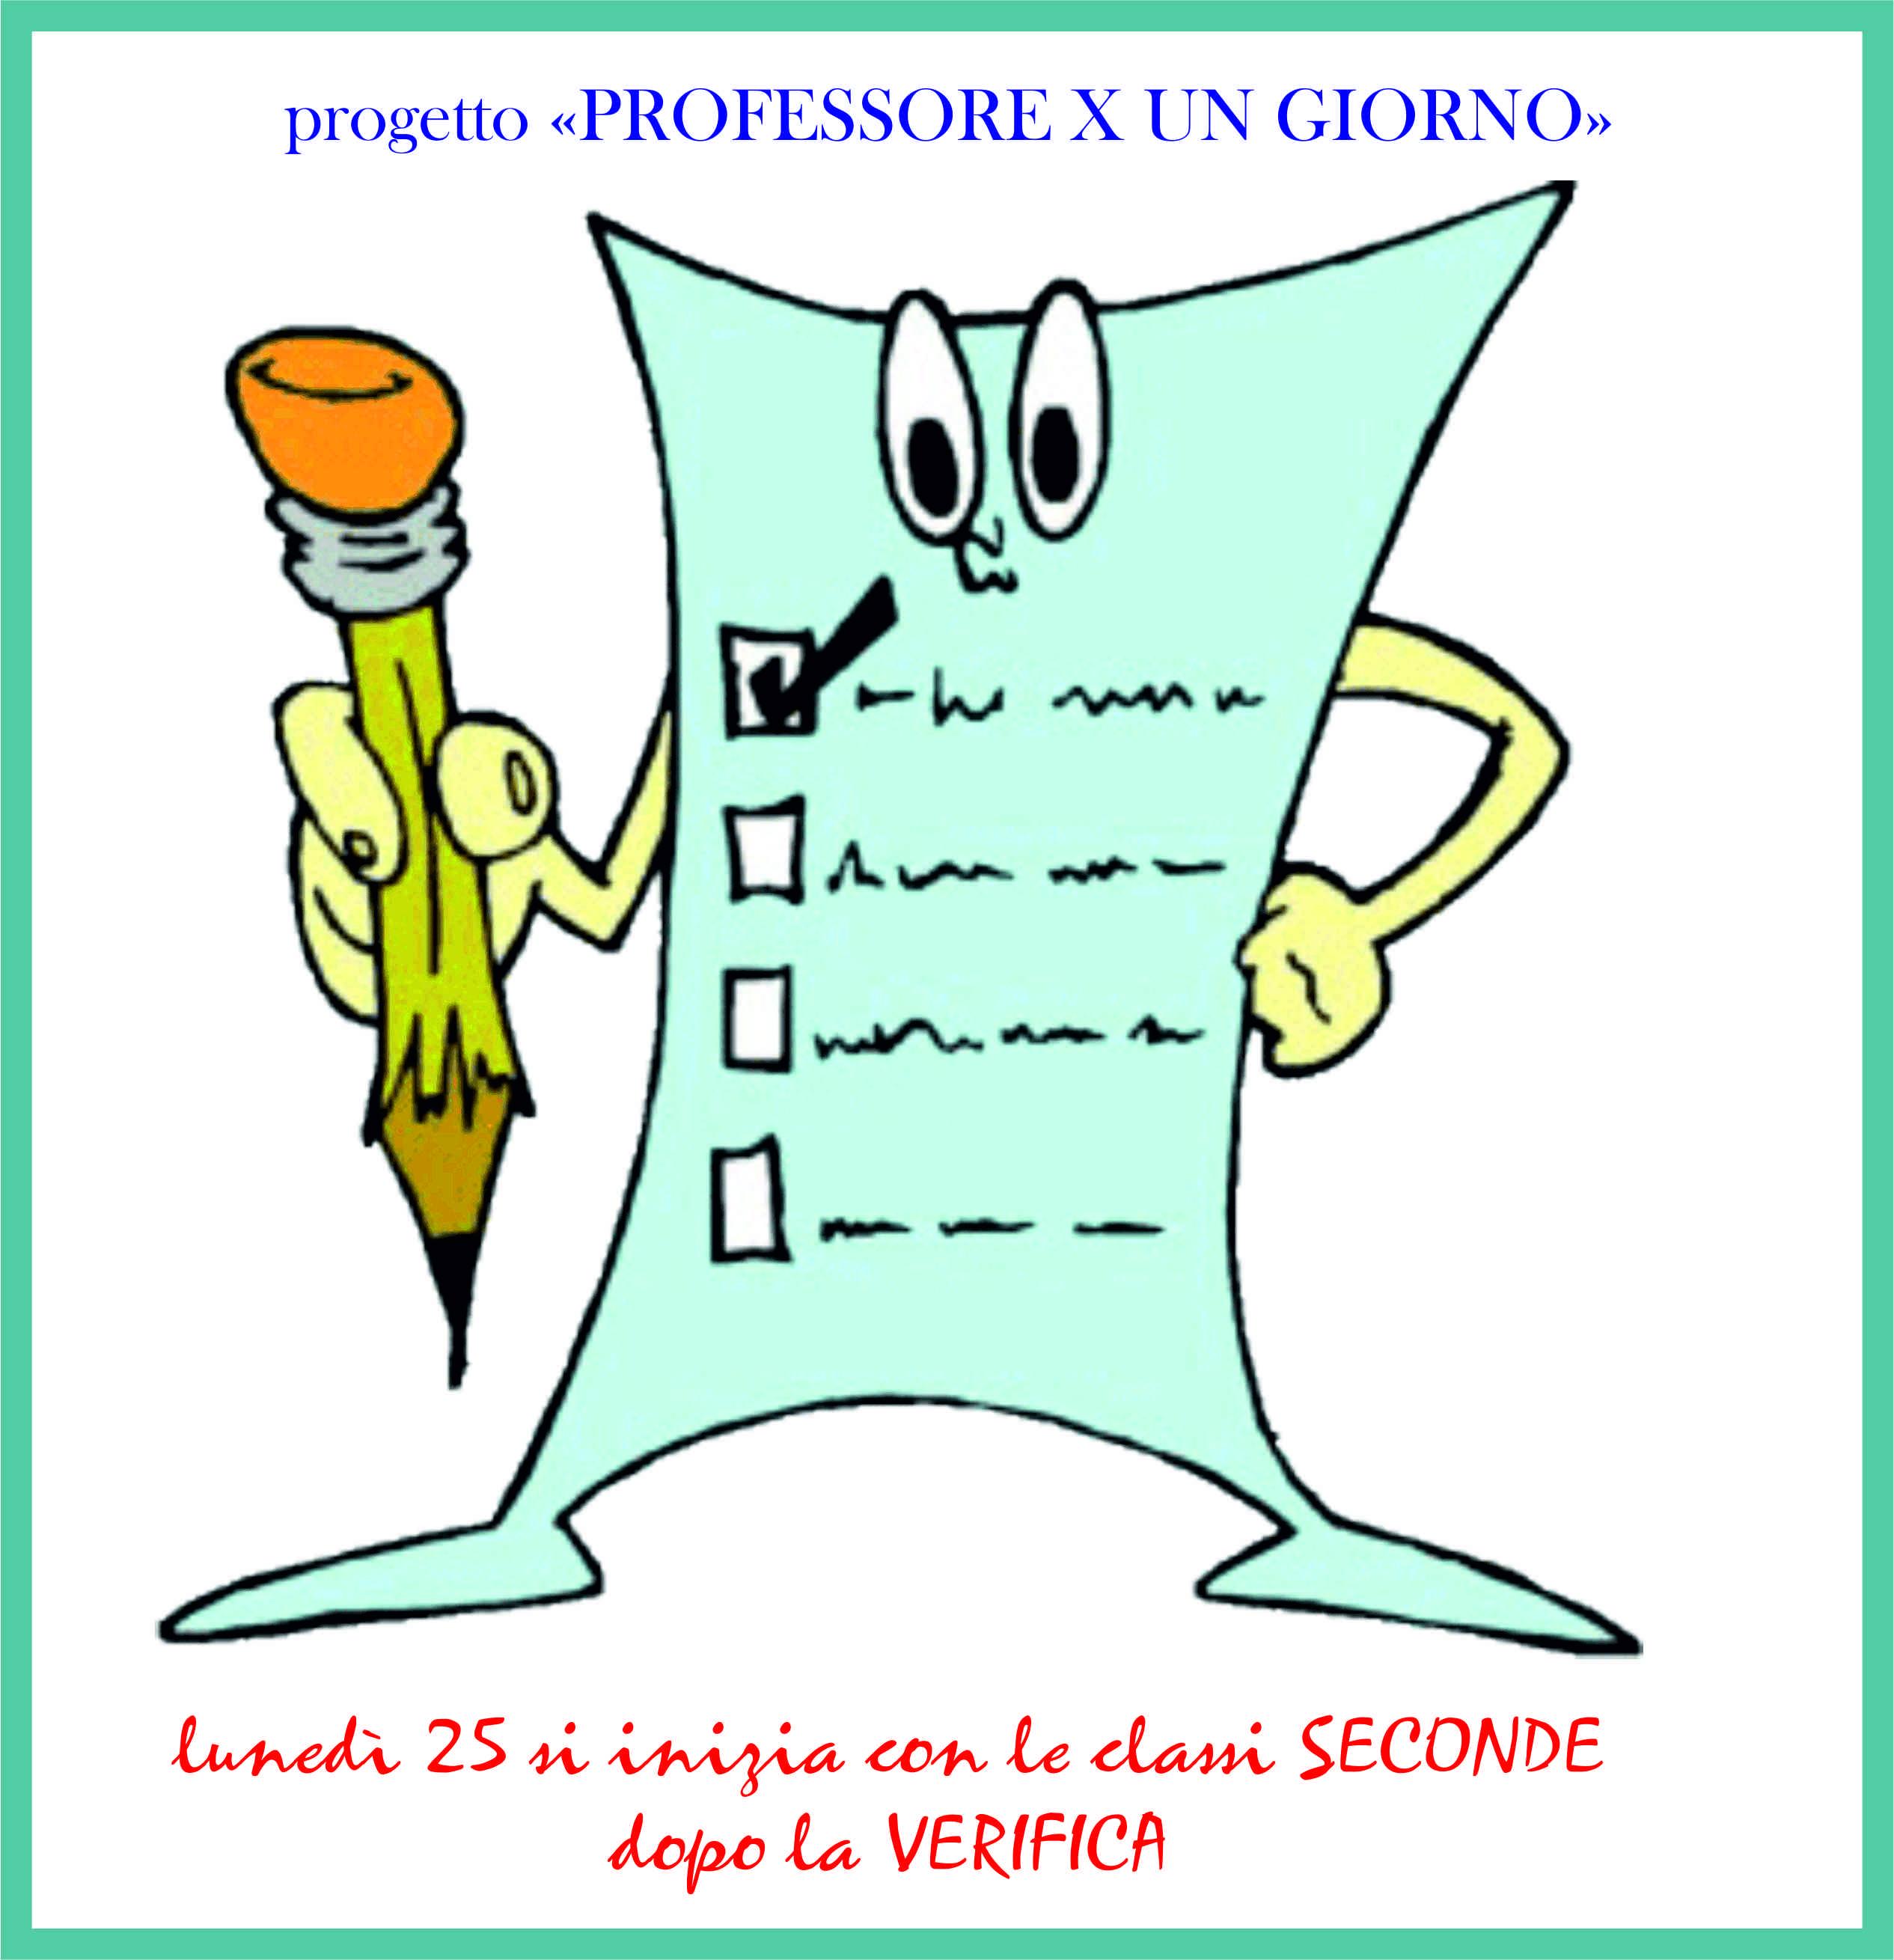 PROF X UN GIRONO